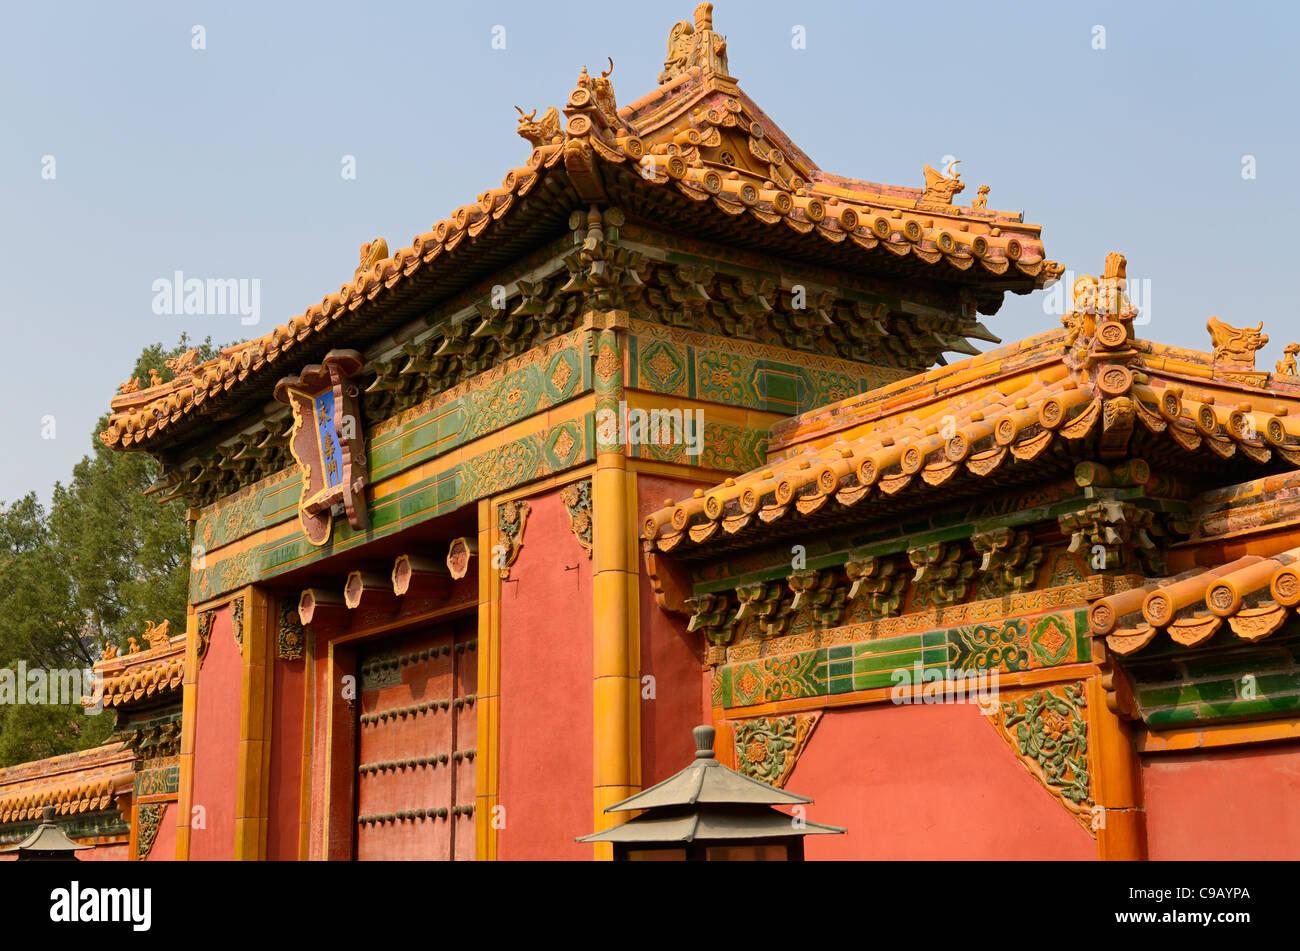 Antico palazzo nel cortile interno decorato con oro e piastrelle